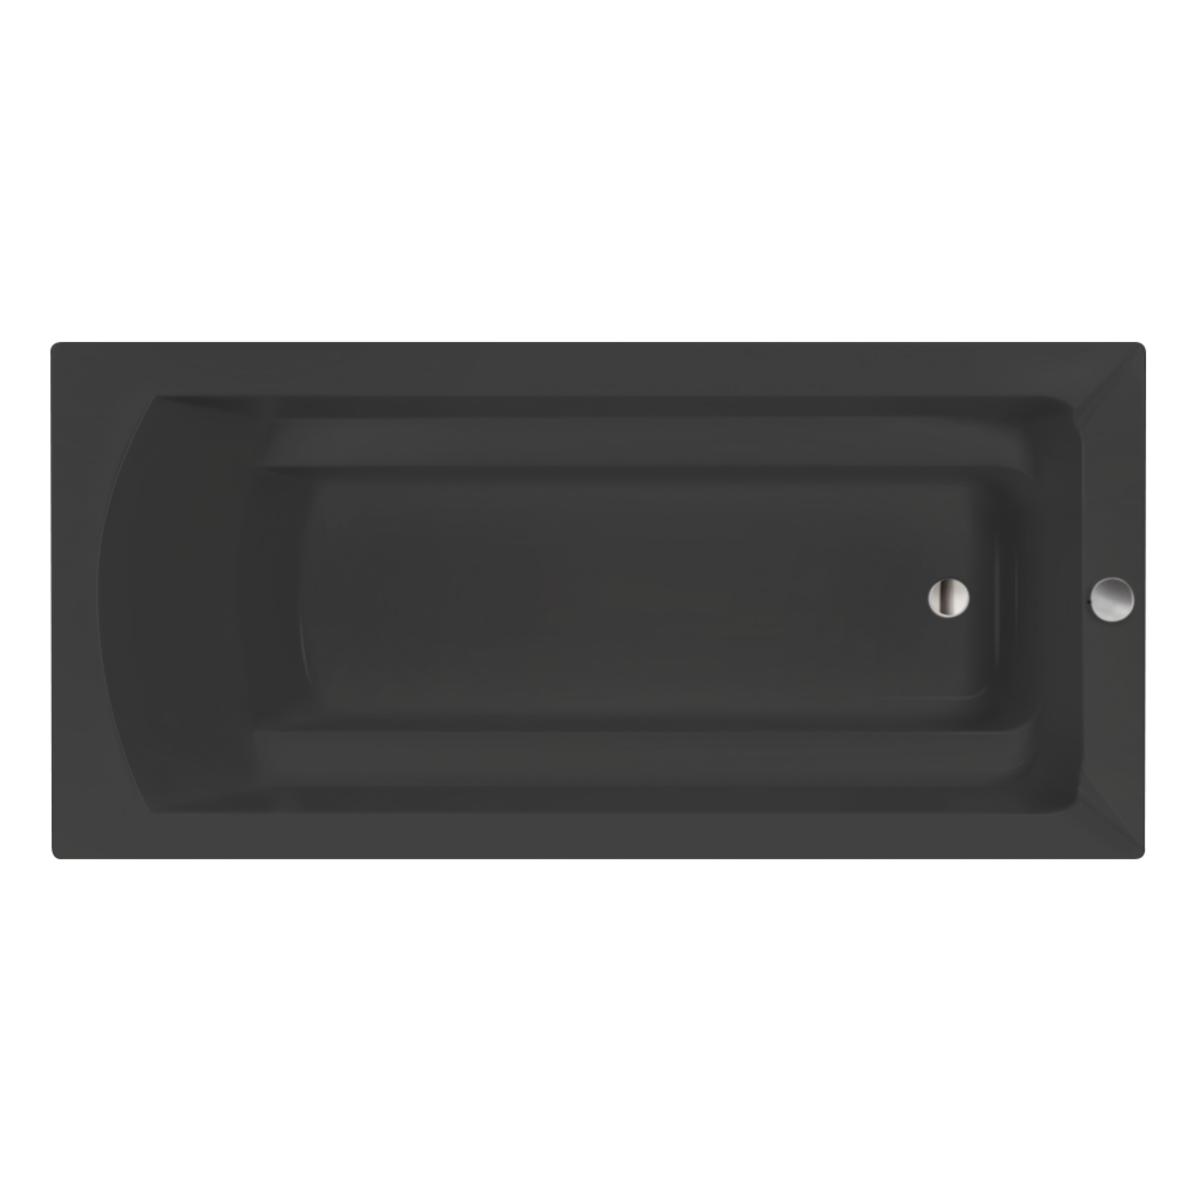 Xenz Bodysize douchebad 190x90x45cm ebony mat zwart